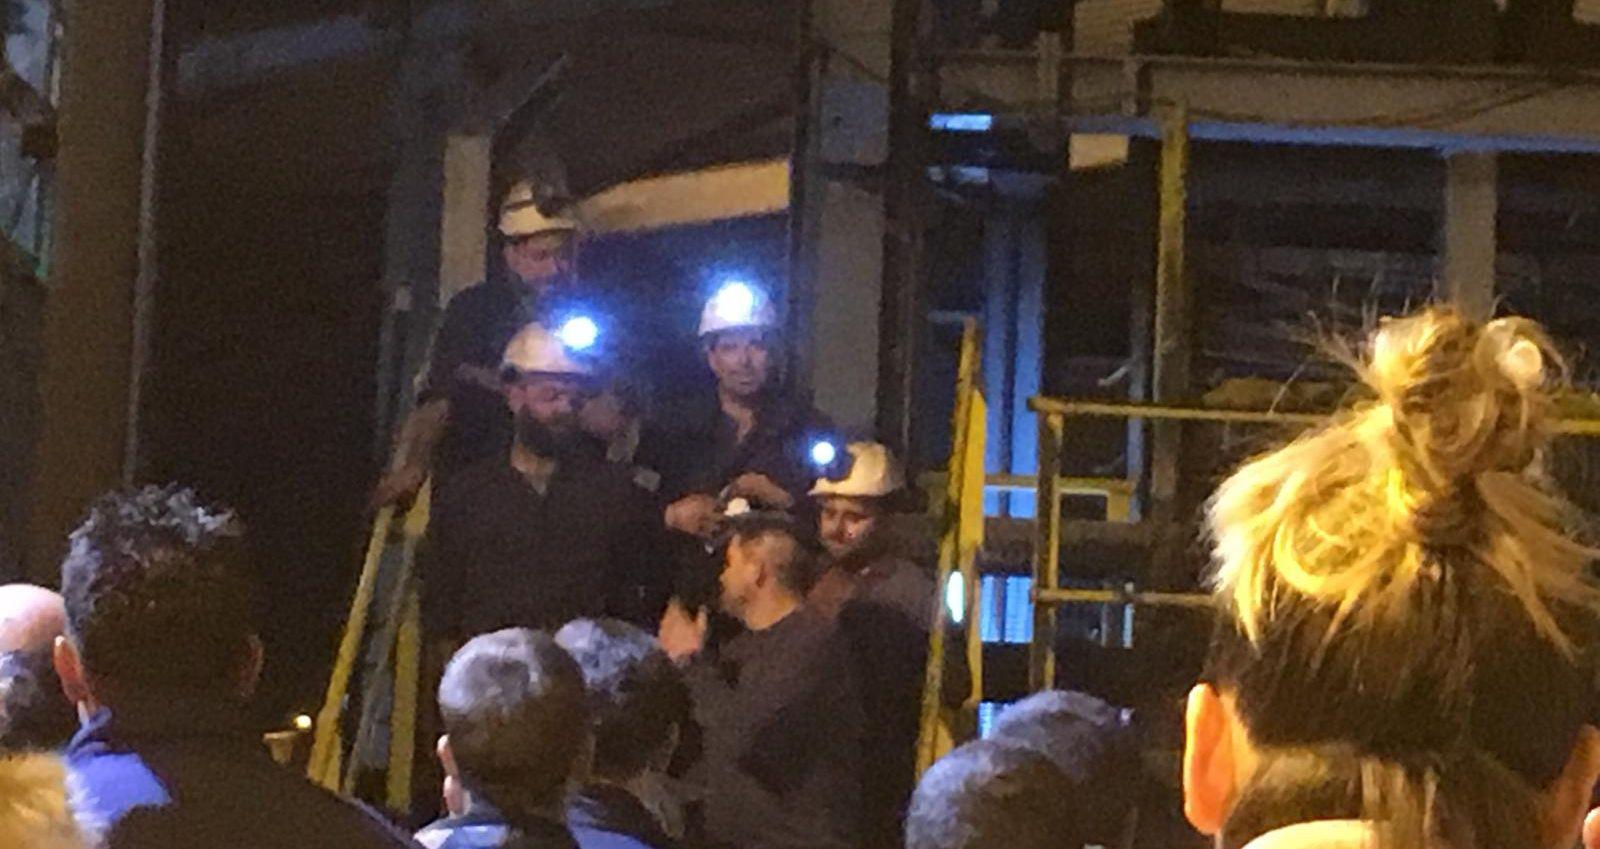 Las redes se han llenado de imágenes de los mineros saliendo del pozo Santiago